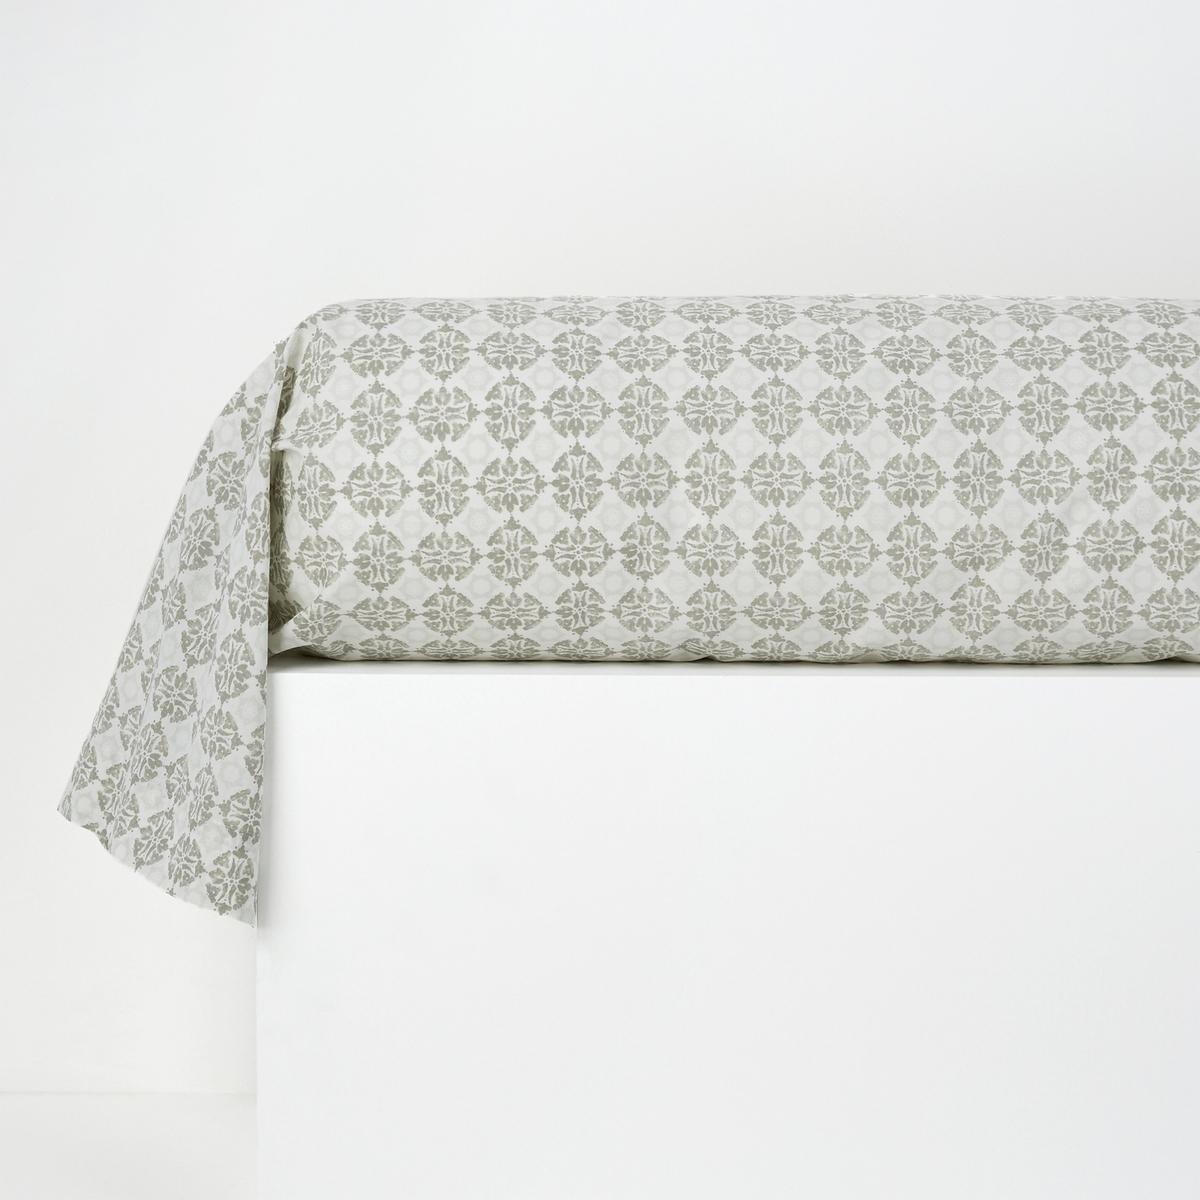 Наволочка на подушку-валик с принтом, TerringtonНаволочка на подушку-валик с принтом, Terrington . Постельное белье с принтом цементная плитка в аутентичном стиле . Характеристики наволочки на подушку-валик с принтом, Terrington  :Принт со сплошными мелкими мотивами с обеих сторон .100% хлопок : Плотное переплетение нитей, 57 нитей/см?, чем больше нитей/см?, тем выше качество материала.Машинная стирка при 60 °С.Знак Oeko-Tex® гарантирует, что товары протестированы и сертифицированы, не содержат вредных веществ, которые могли бы нанести вред здоровью.Найдите комплект постельного белья Terrington на сайте laredoute.ru<br><br>Цвет: серо-синий